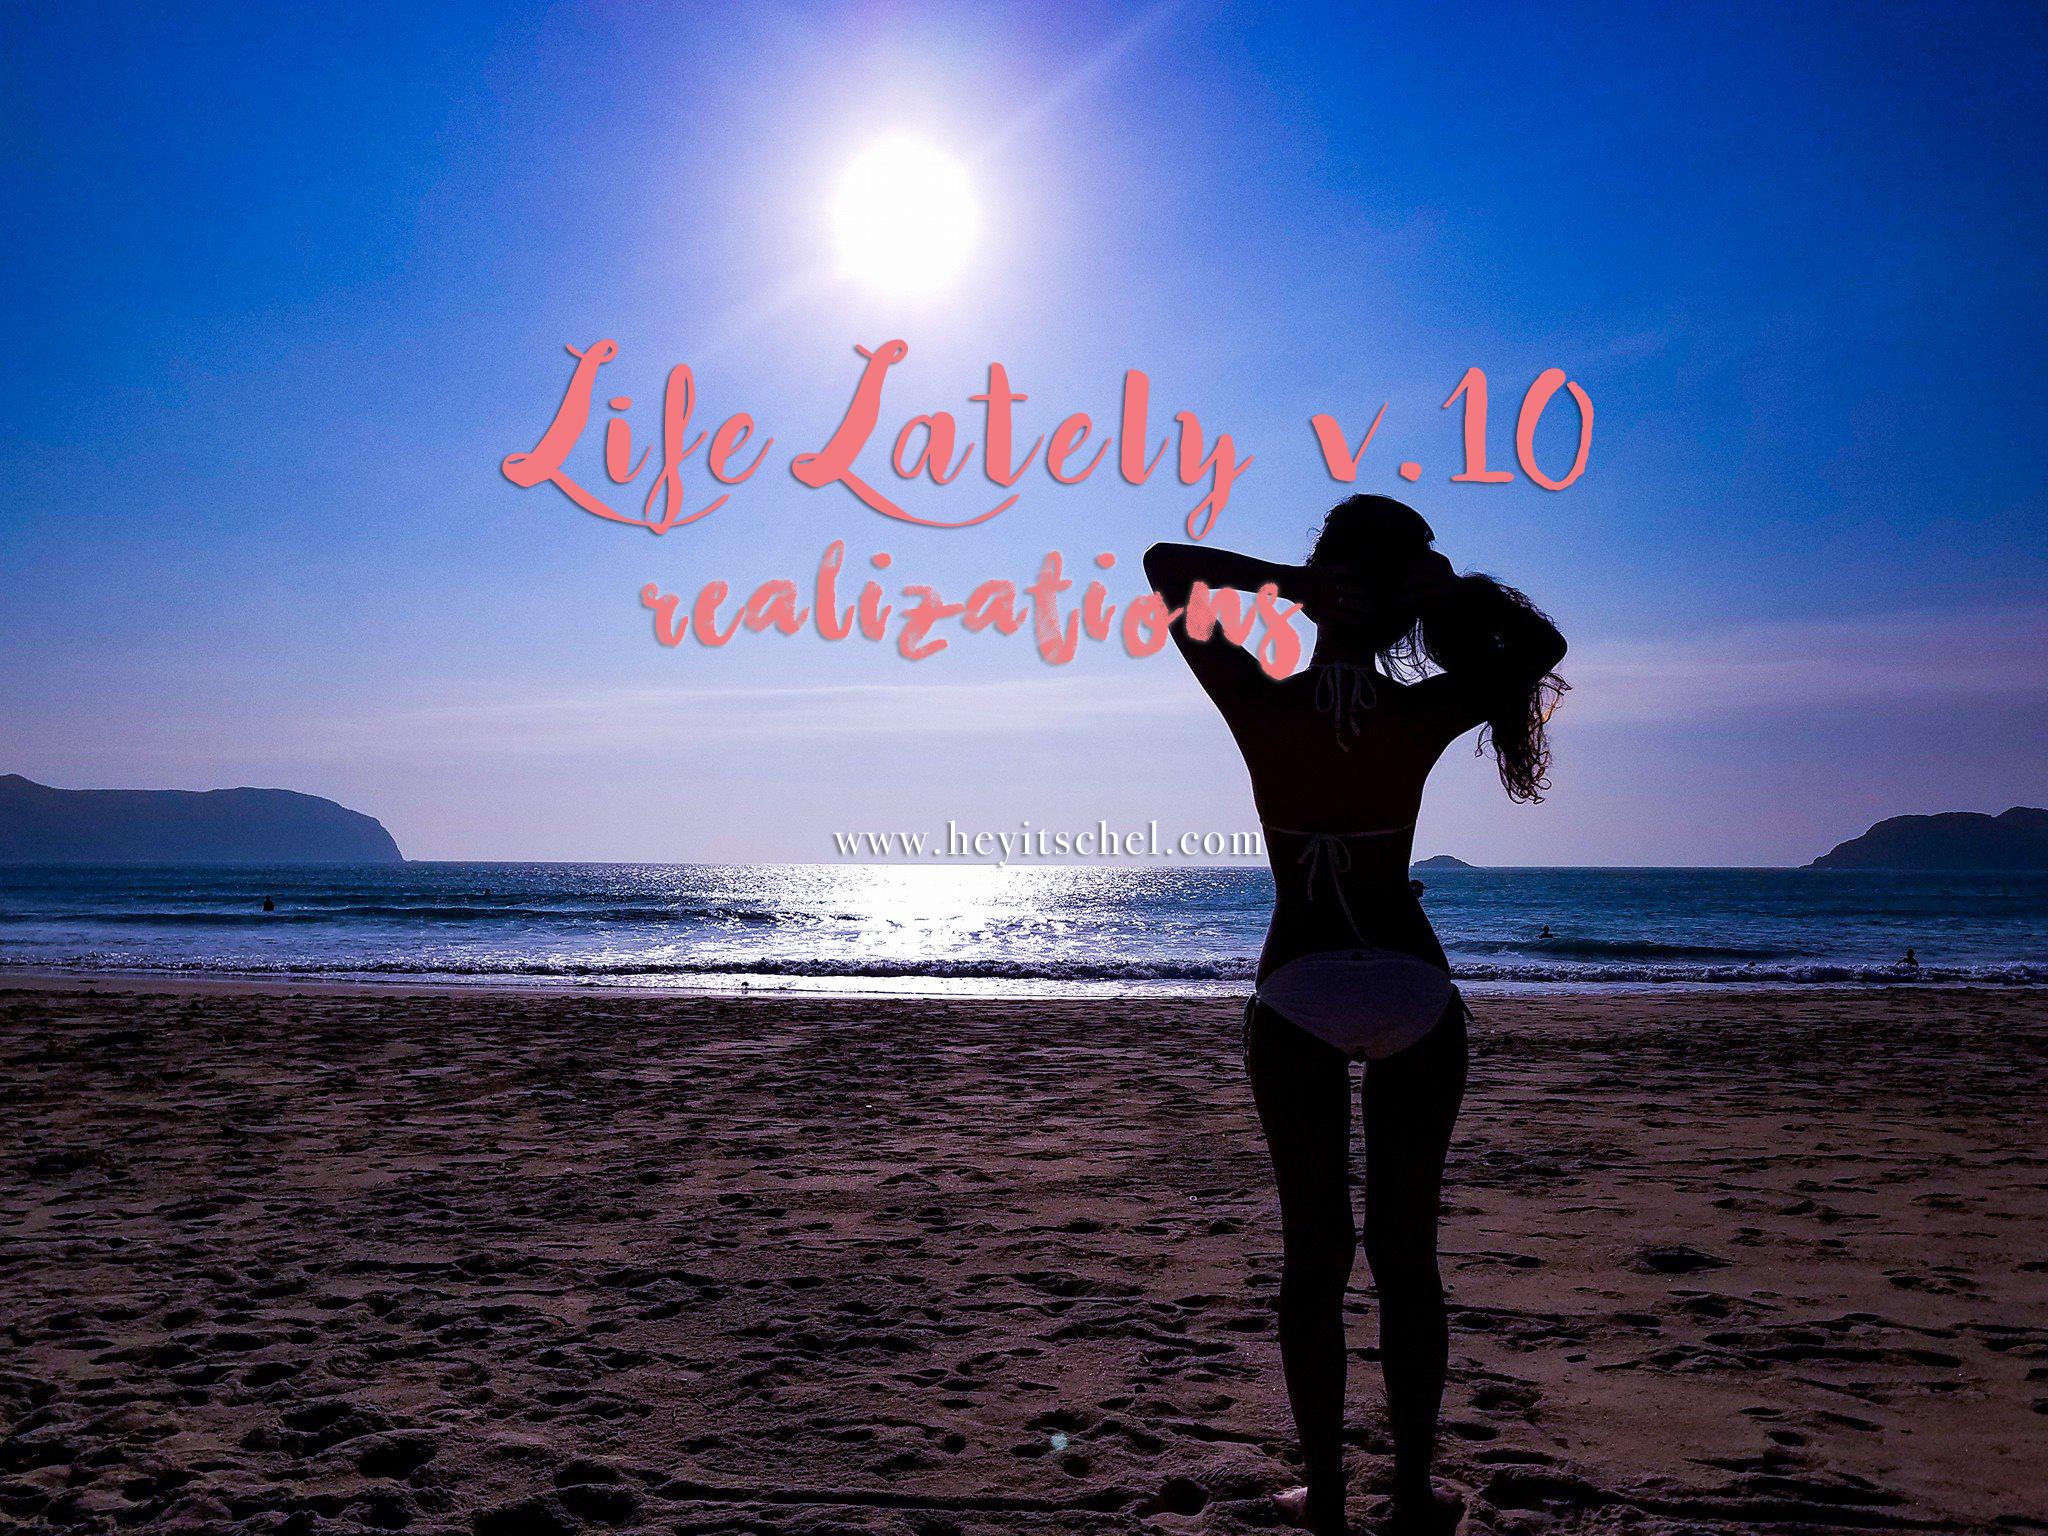 Life Lately v.10